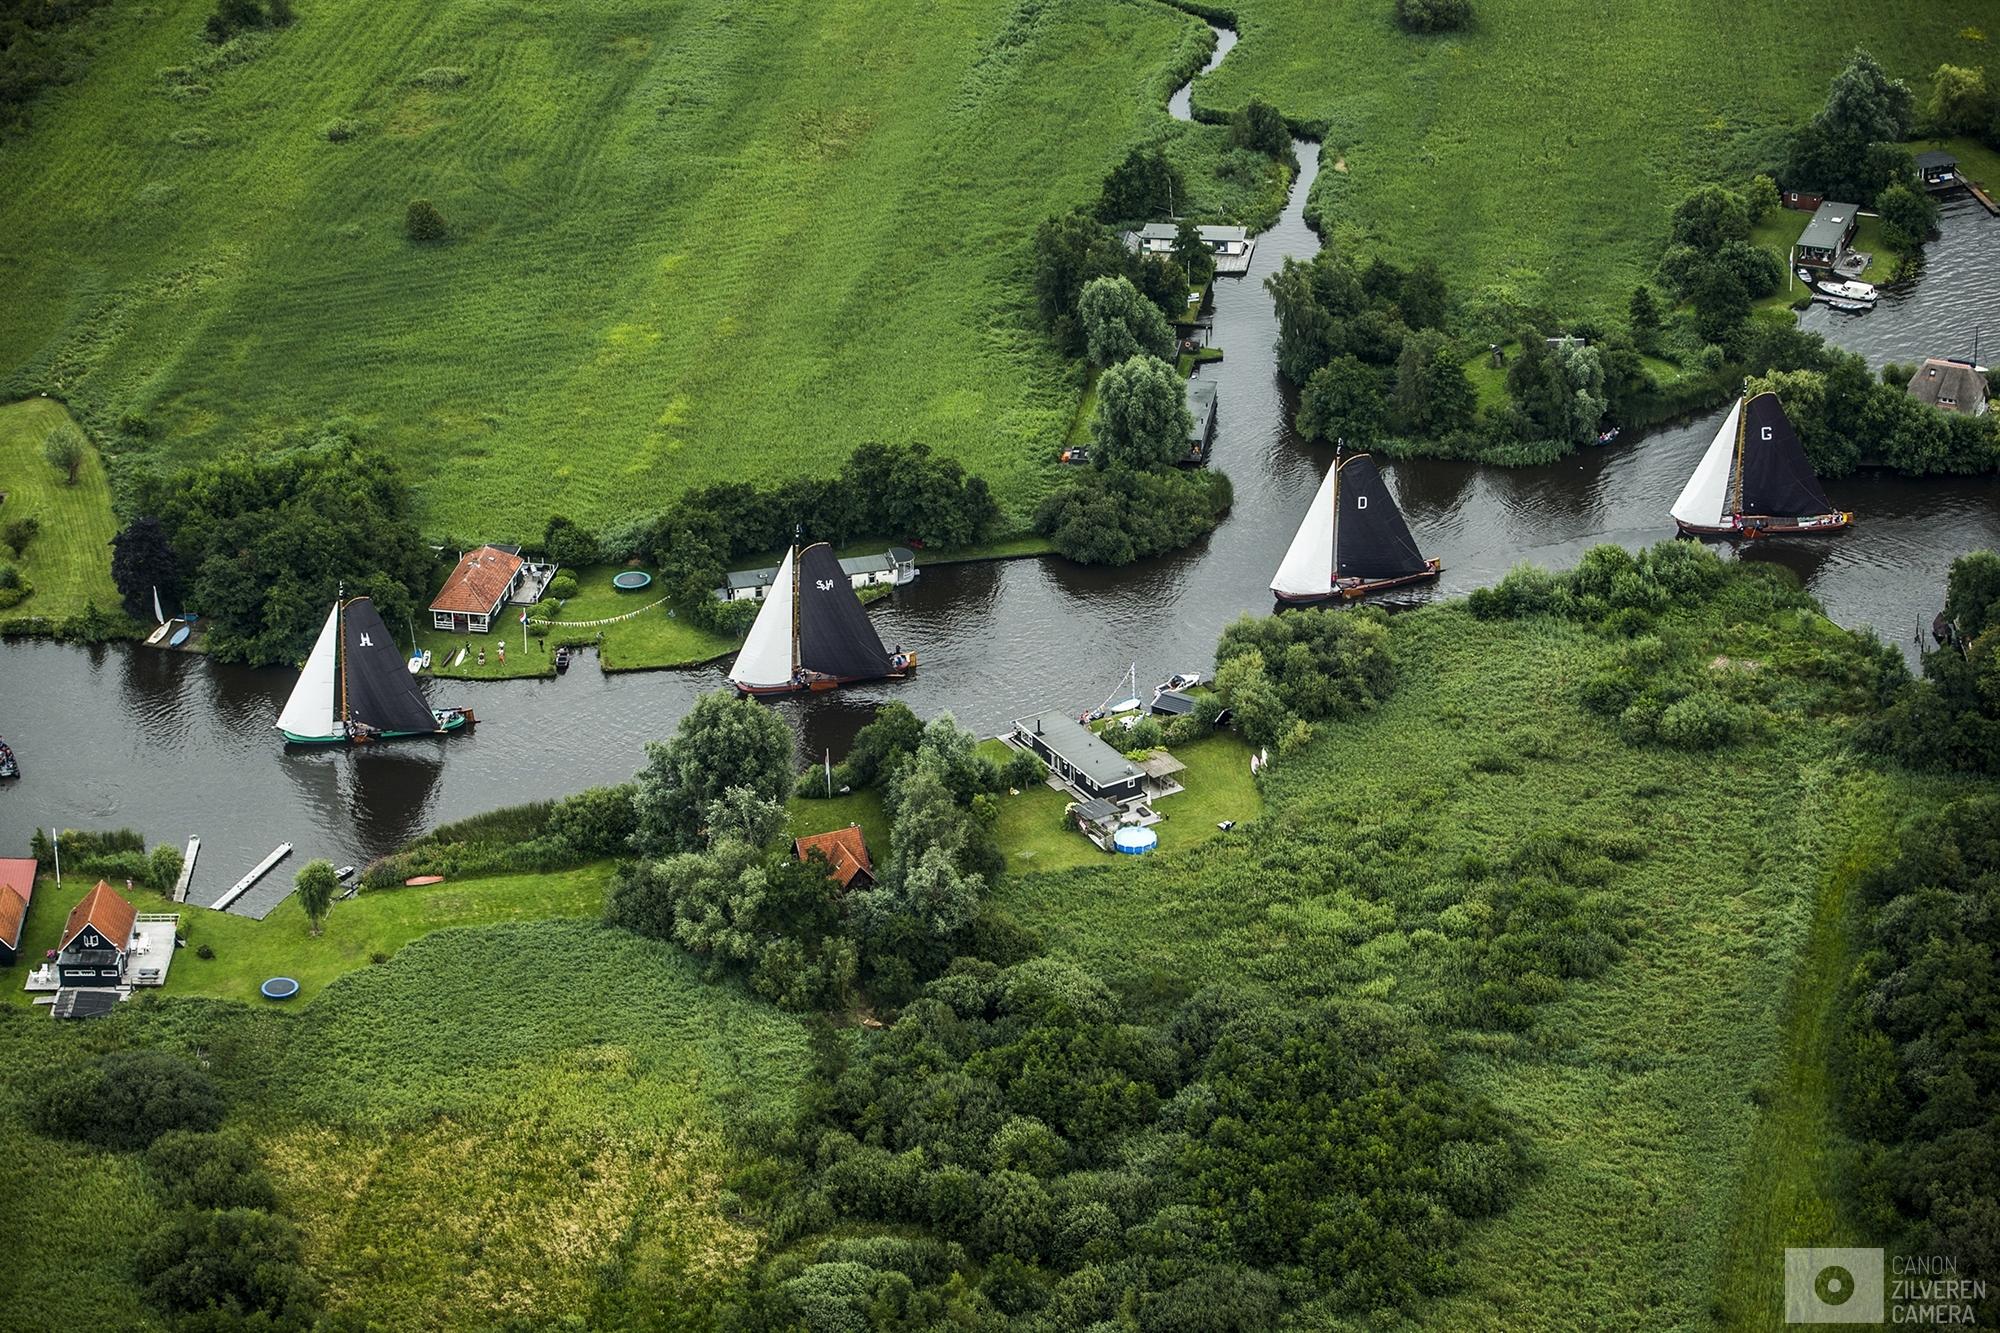 EERNEWOUDE - Luchtfoto van skutsjes in actie op het water bij Eernewoude tijdens de derde wedstrijd van het traditionele skutsjesilen. Twee weken lang strijden 14 traditionele Friese platbodems tegen elkaar op de meren van Friesland.